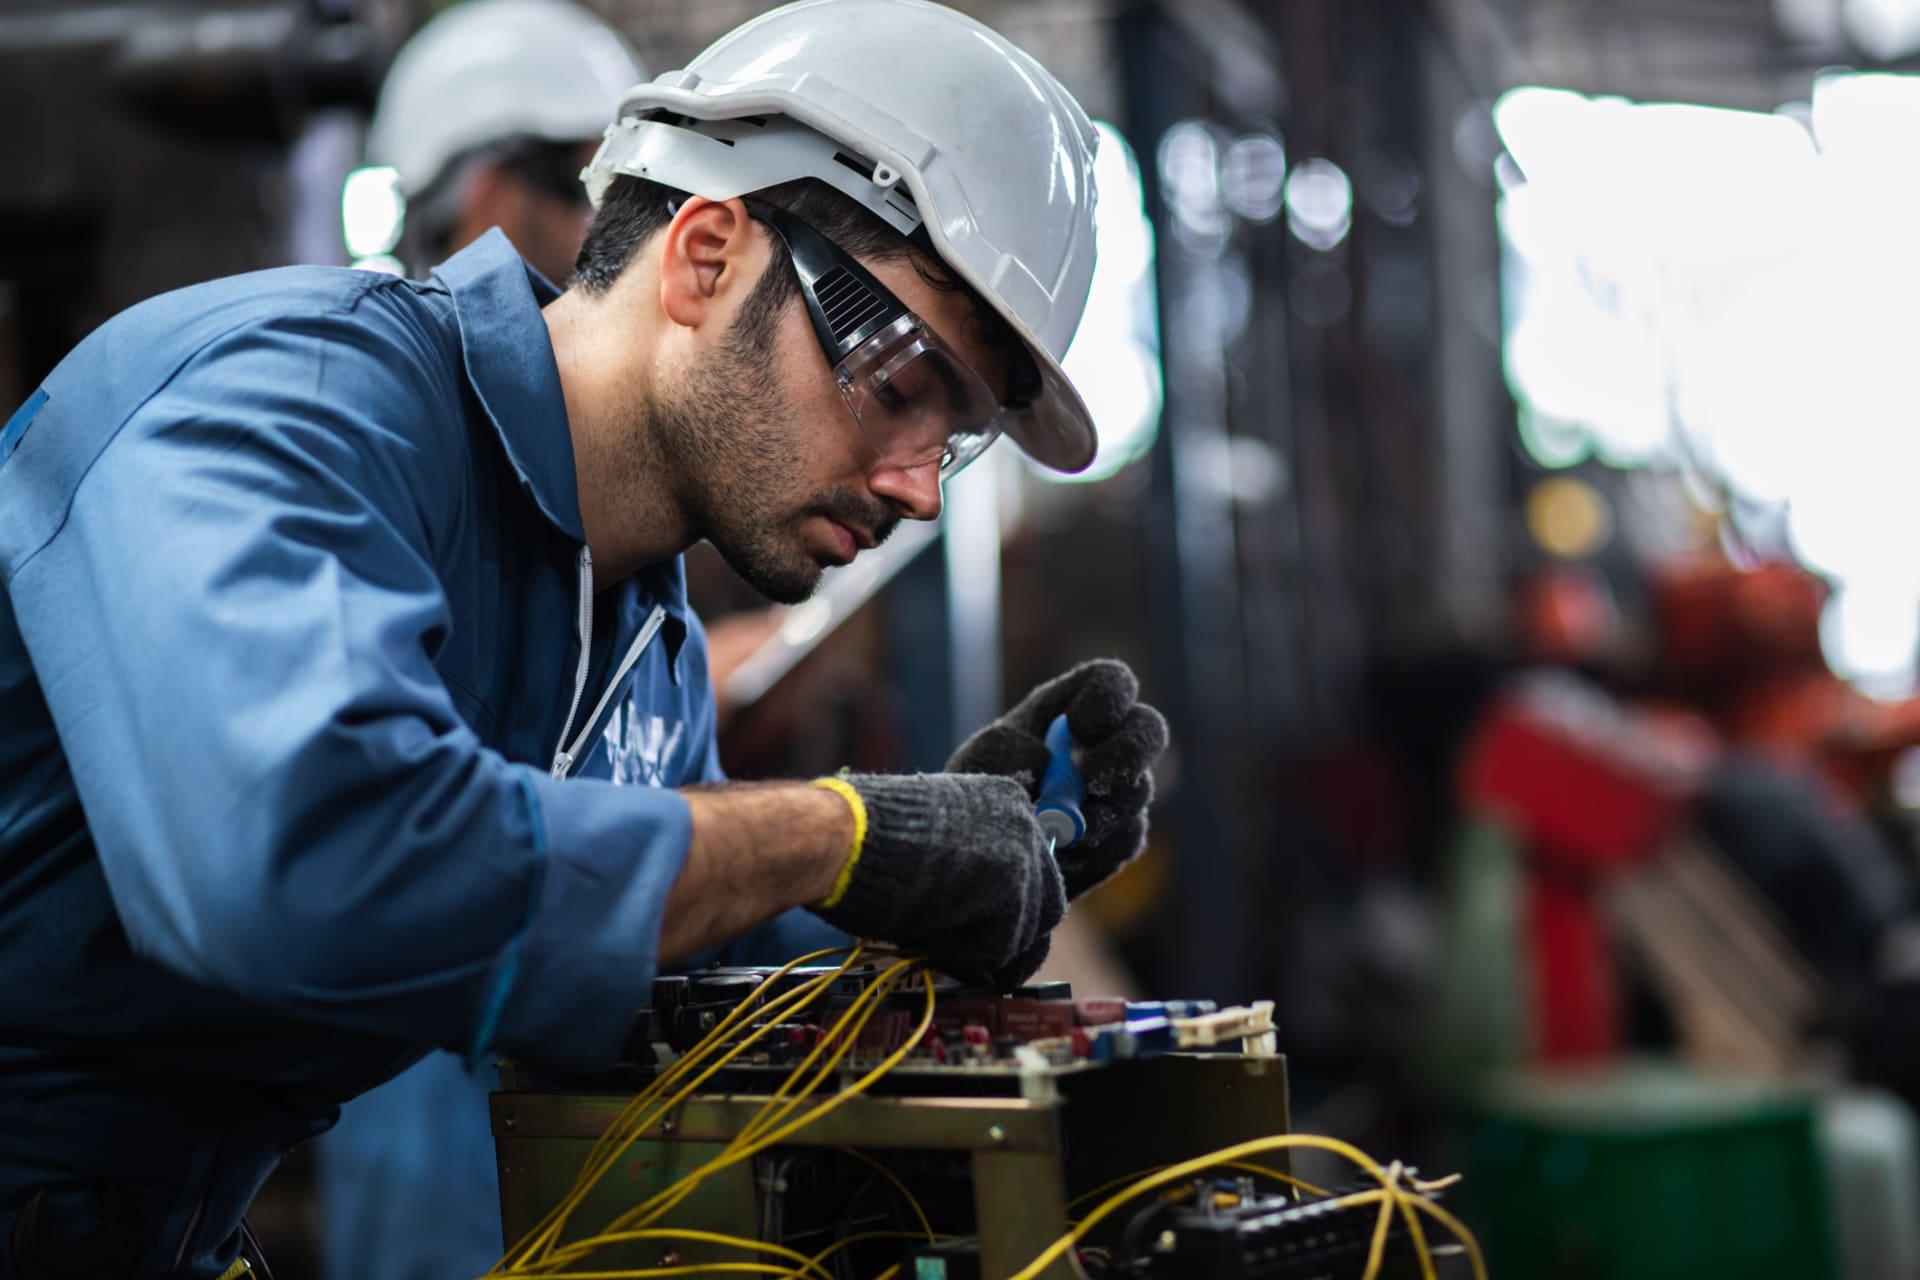 مطلوب مهندسة كهرباء خبرة من سنة الى سنتين لدى شركة في اربد